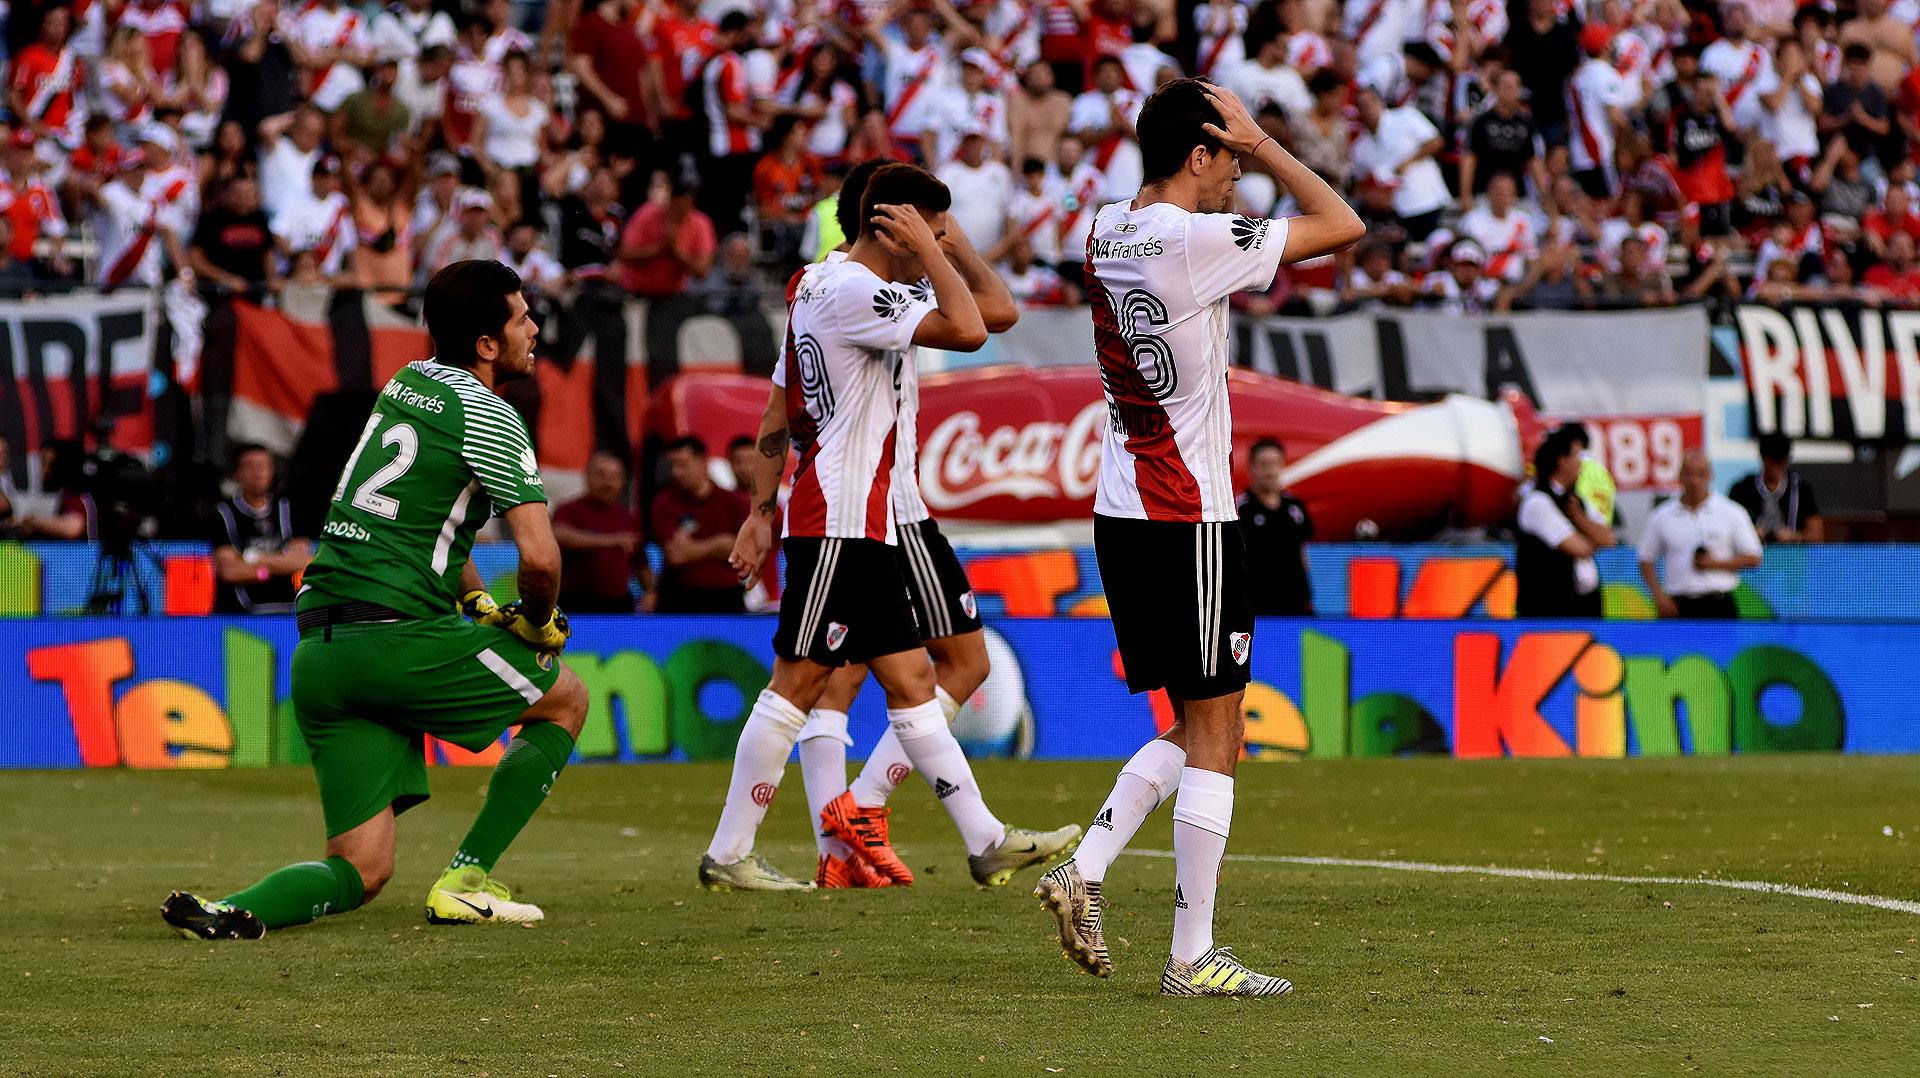 El arquero de Boca termina de tapar un disparo de Ignacio Scocco que tenía destino de gol. Lo lamenta River